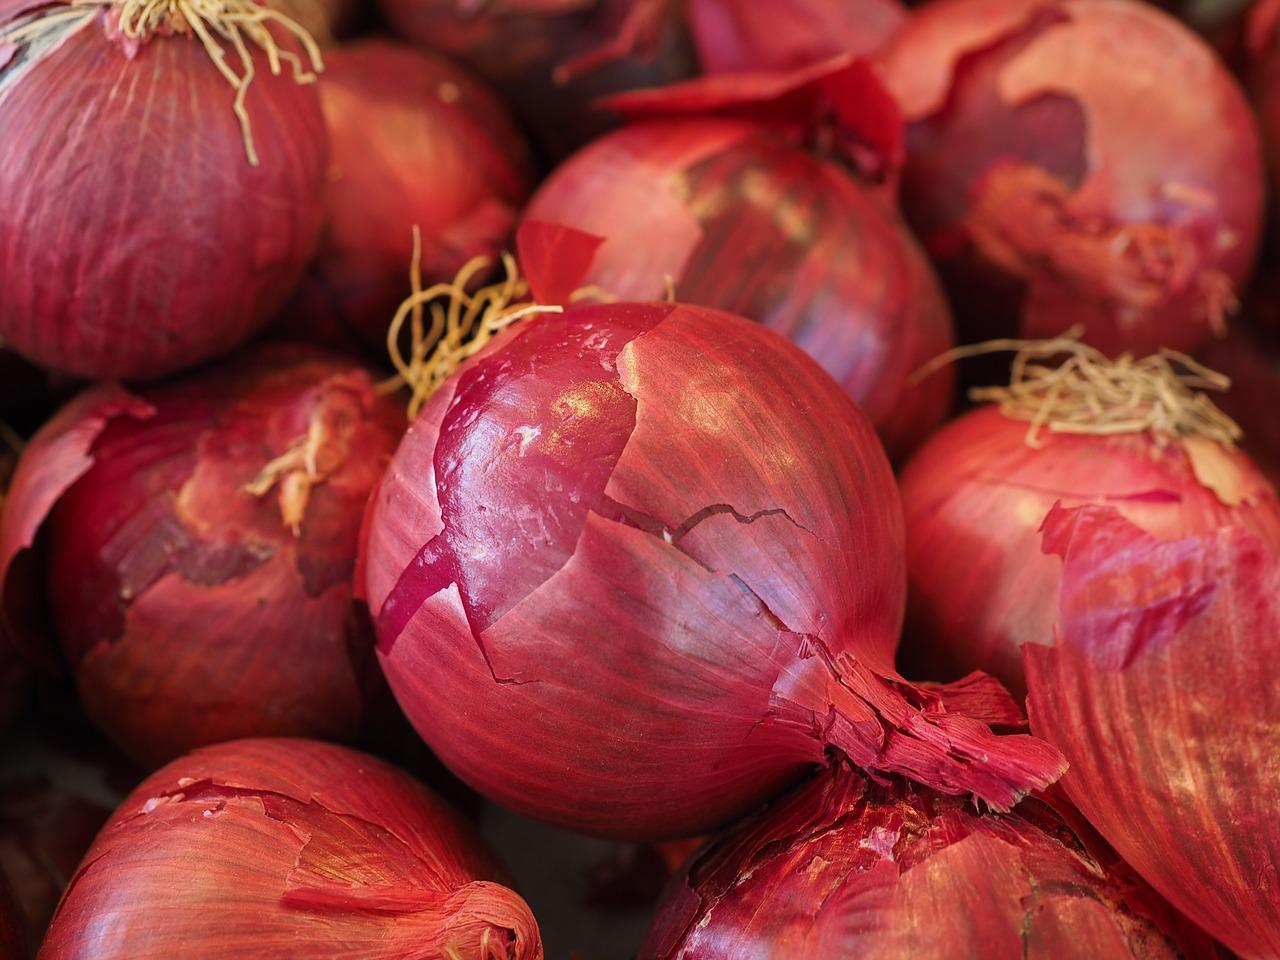 紫玉ねぎ(赤玉ねぎ、レッドオニオン)の特徴とおすすめレシピ、食品成分表